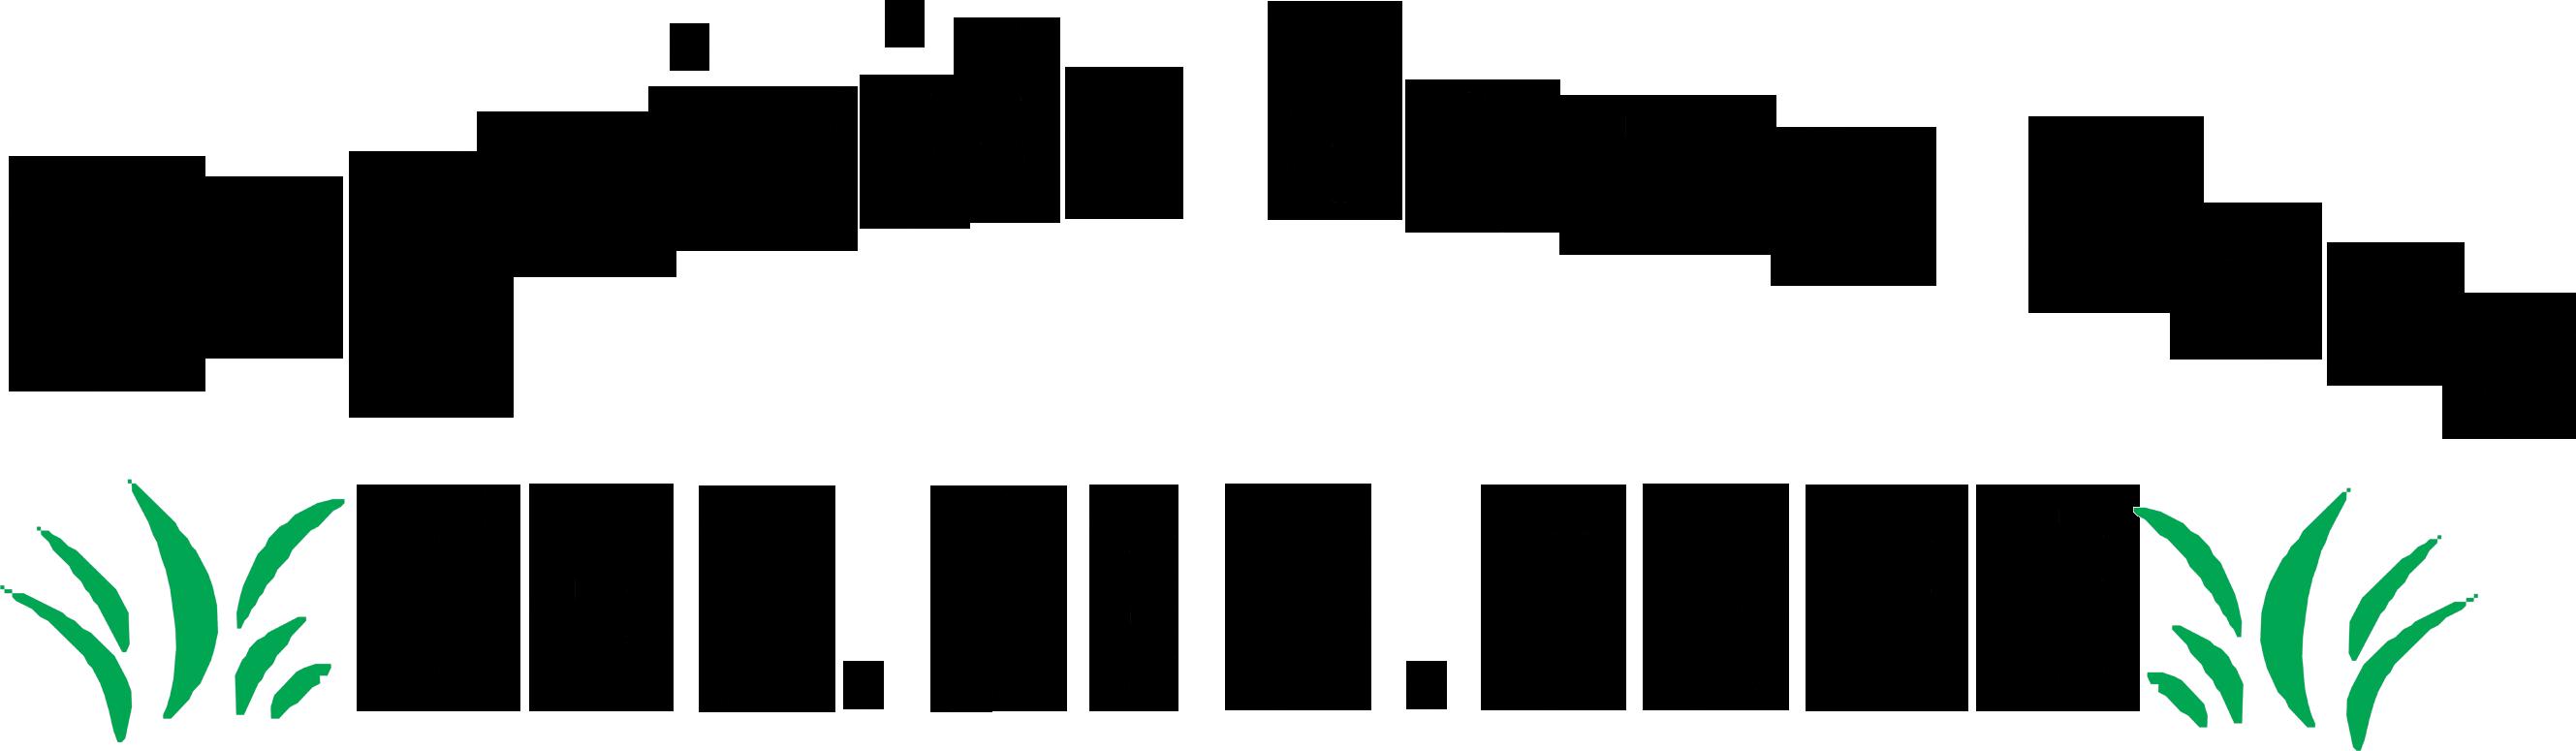 Exquisite_Logo_black